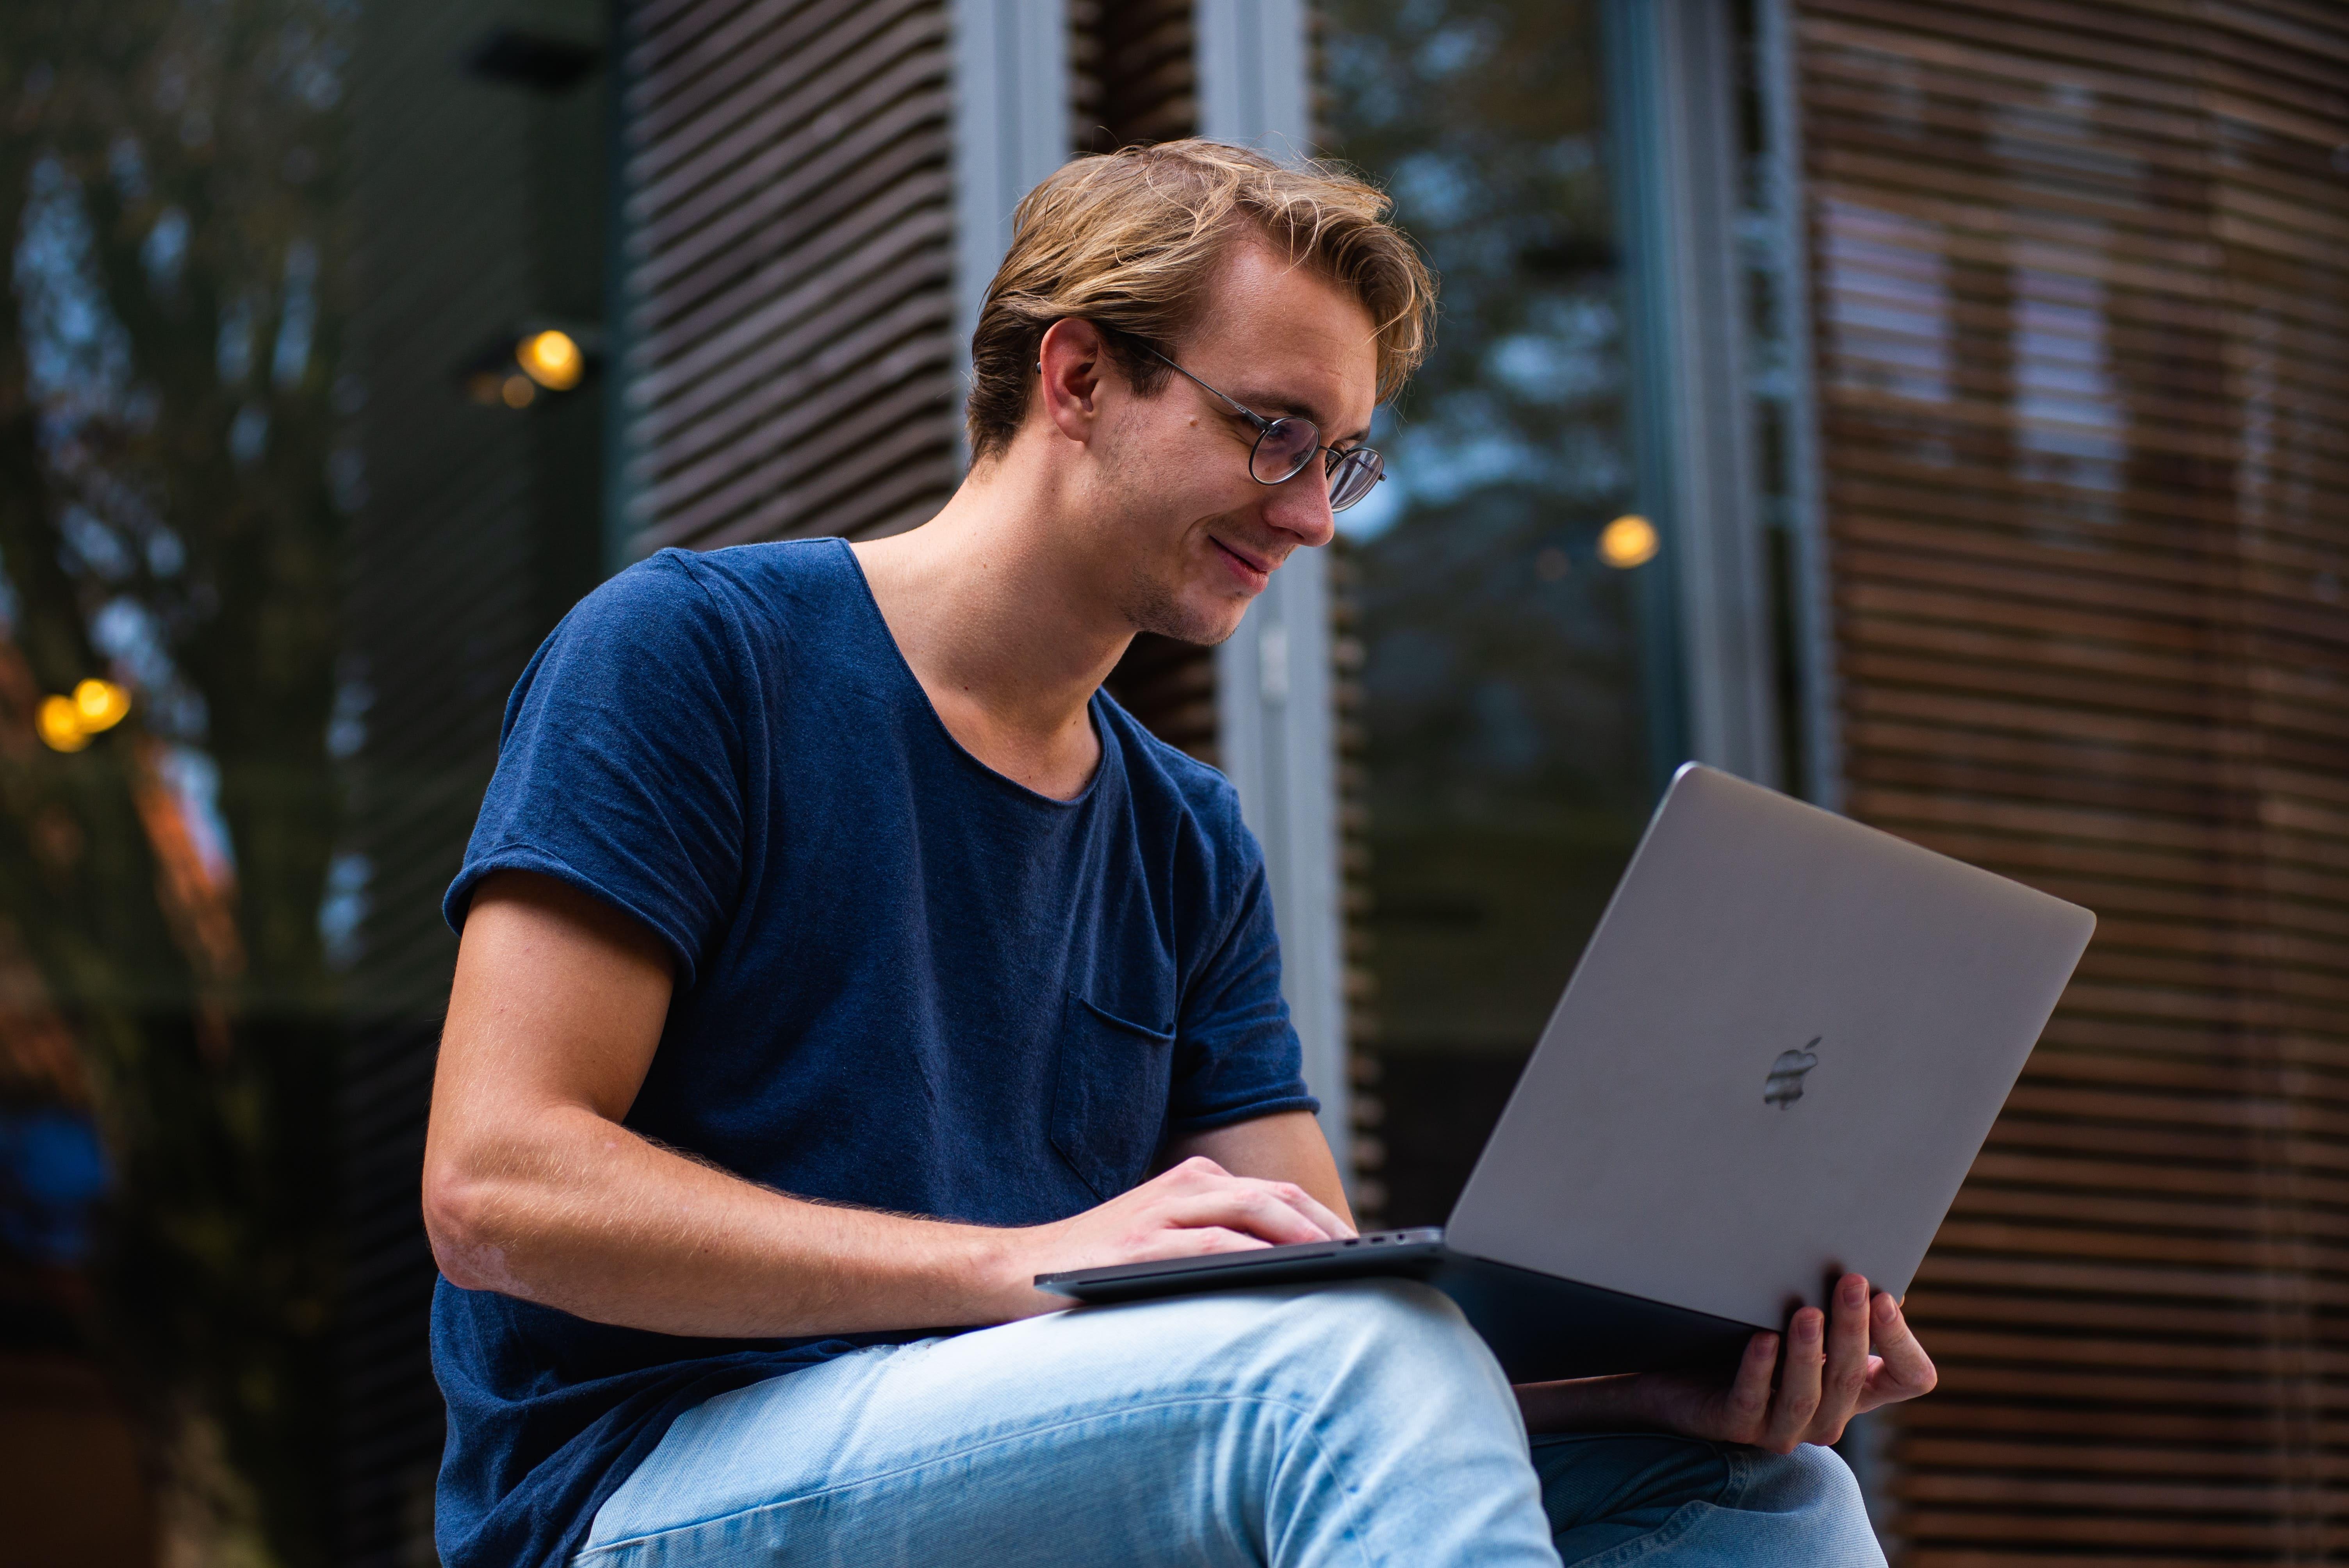 כל מה שאתם חייבים לכלול בקורות החיים בתחומי: פיתוח Web, פיתוח Java ו-Data science